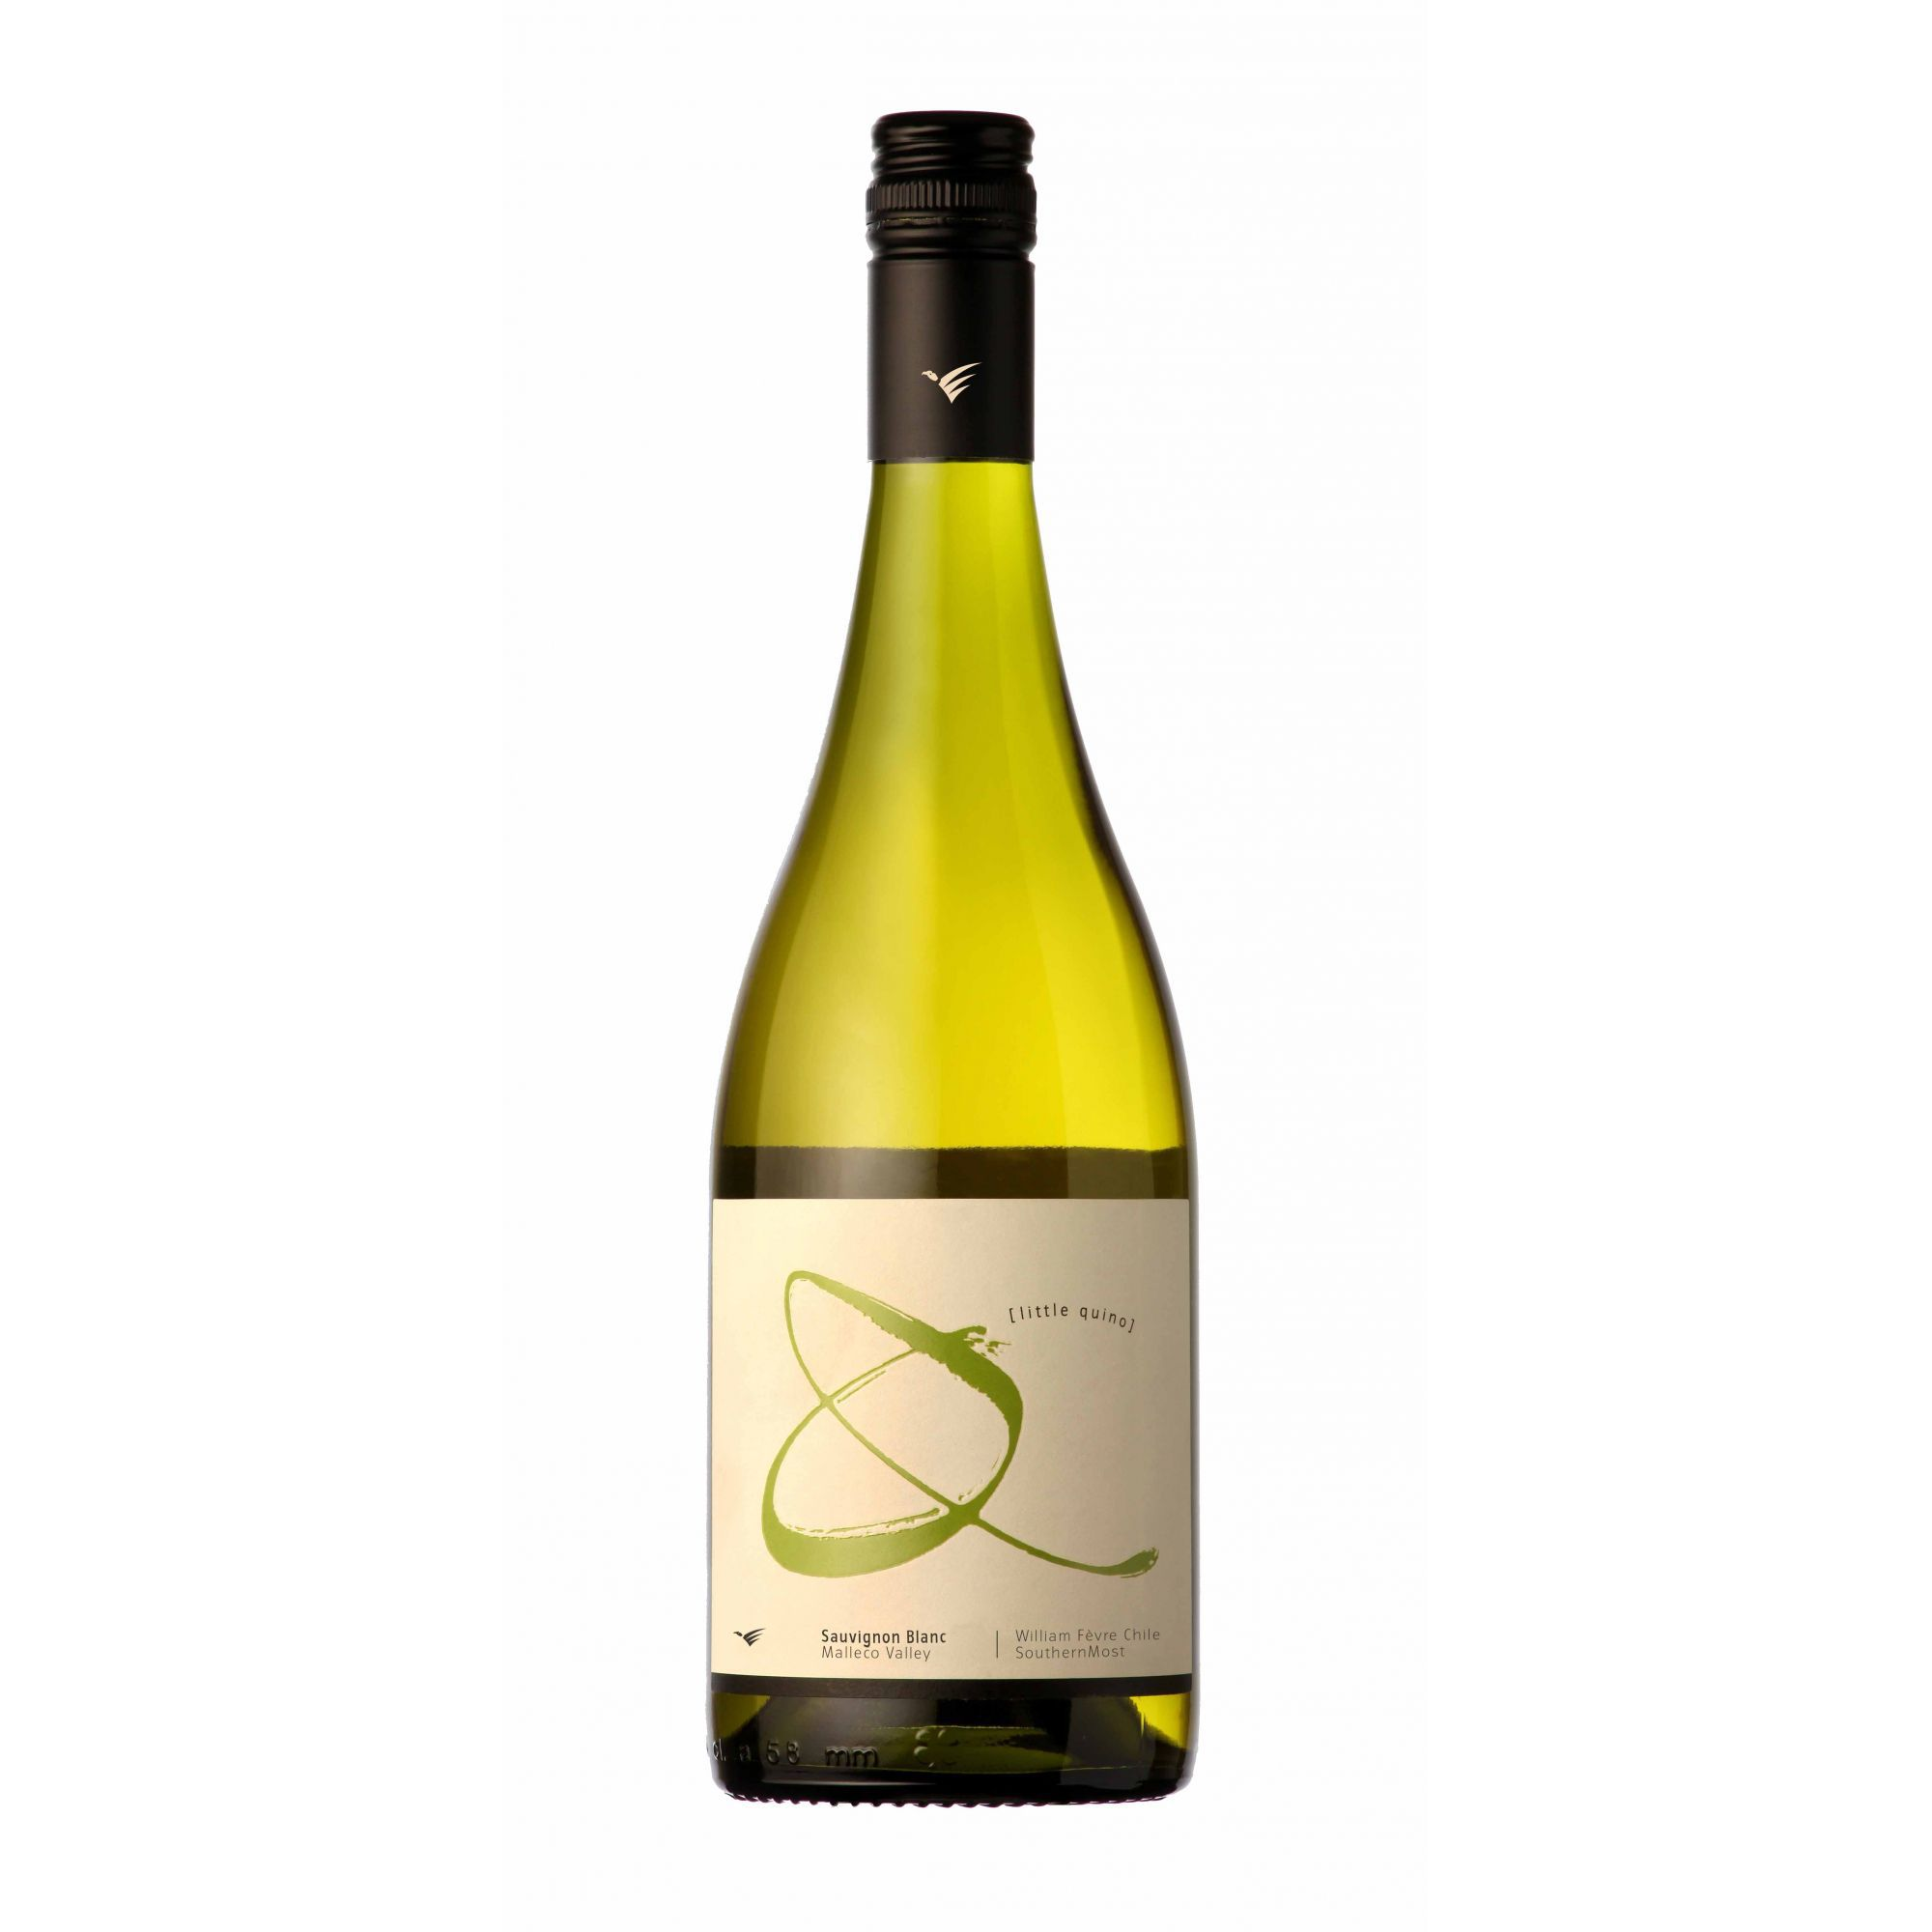 Vinho Little Quino Sauvignon Blanc